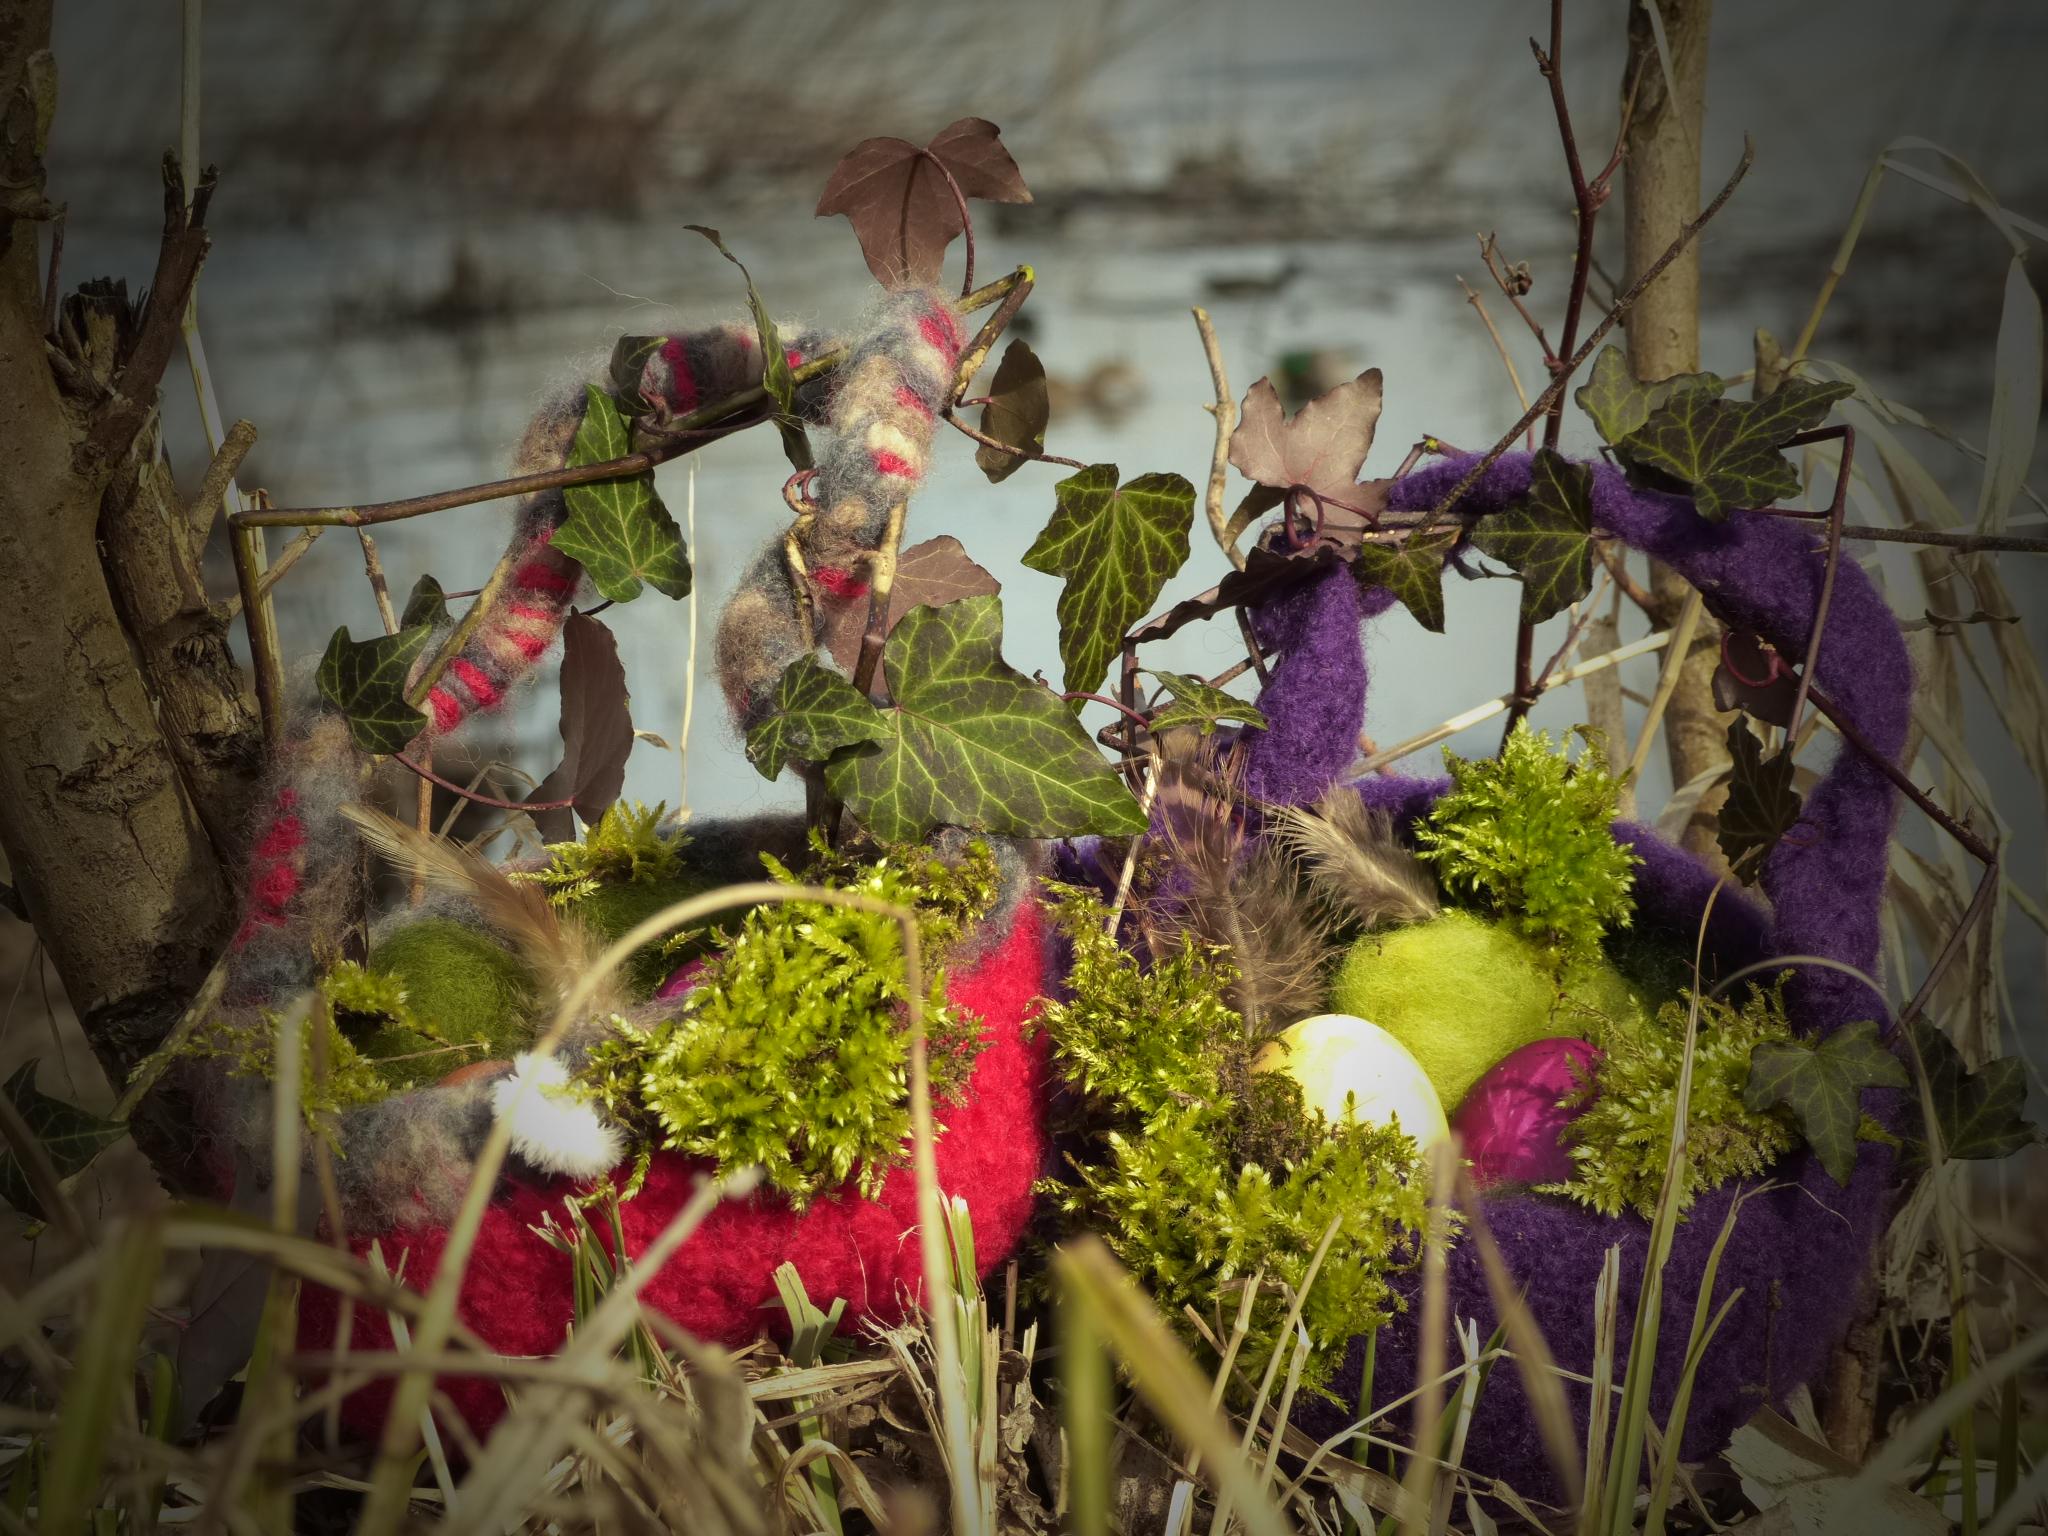 Anleitung für Osternester zum Selber machen....noch mehr Osterideen für den Wald gibt es in der Osterbox